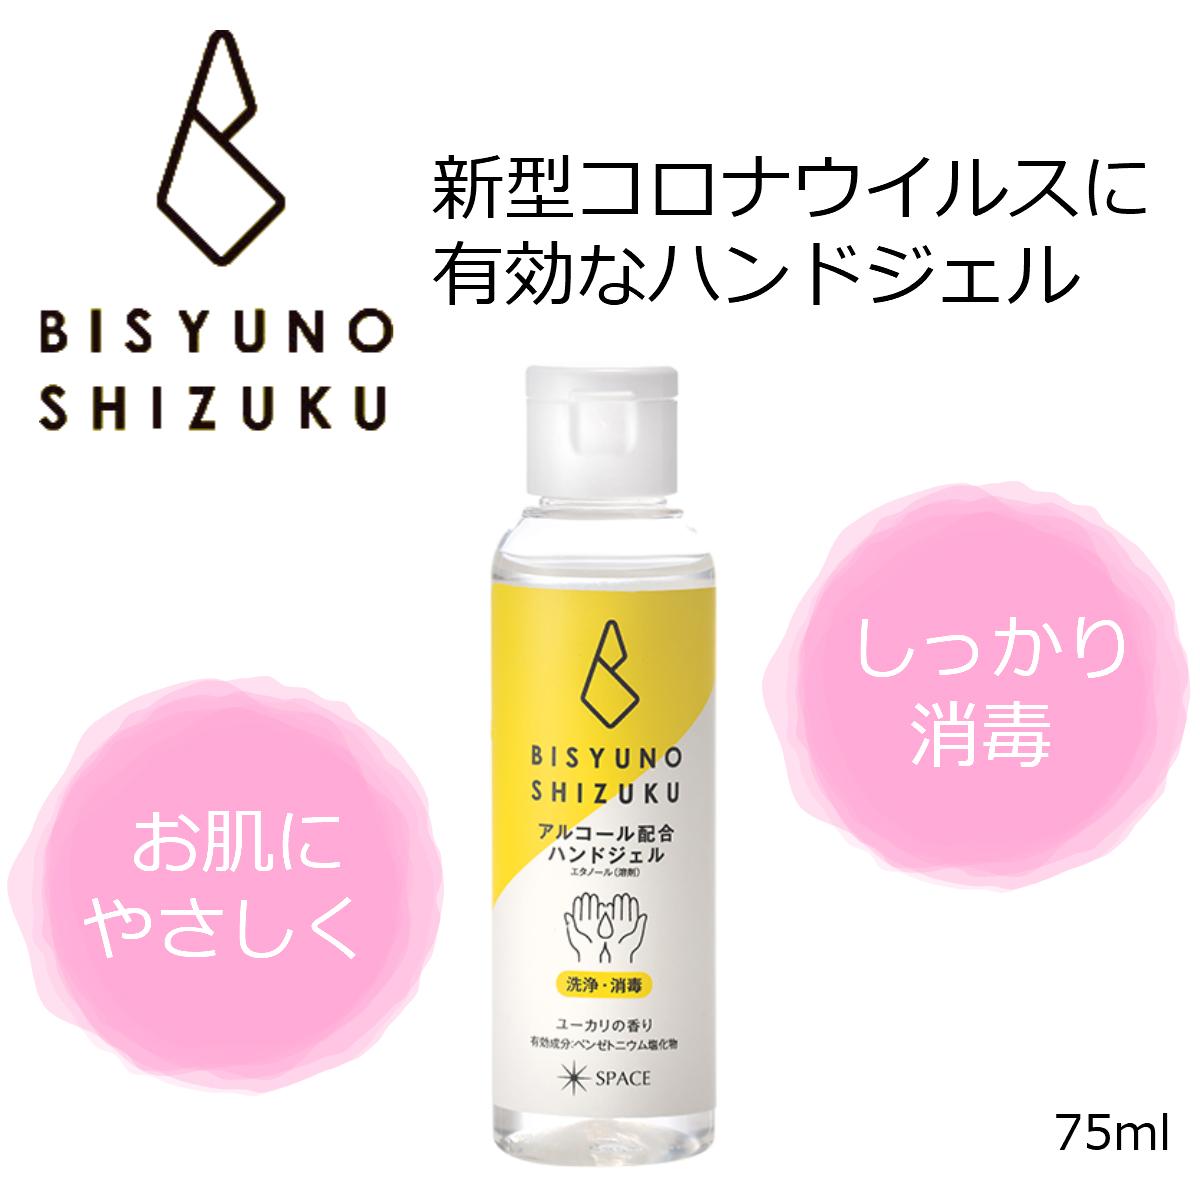 [送料込み]BISYUNO SHIZUKU 美手の雫 アルコール ハンドジェル ジェル 75ml 水なし 消毒用アルコール 新型コロナウイルス対応 洗浄 消毒 コンパクト 持ち運び便利